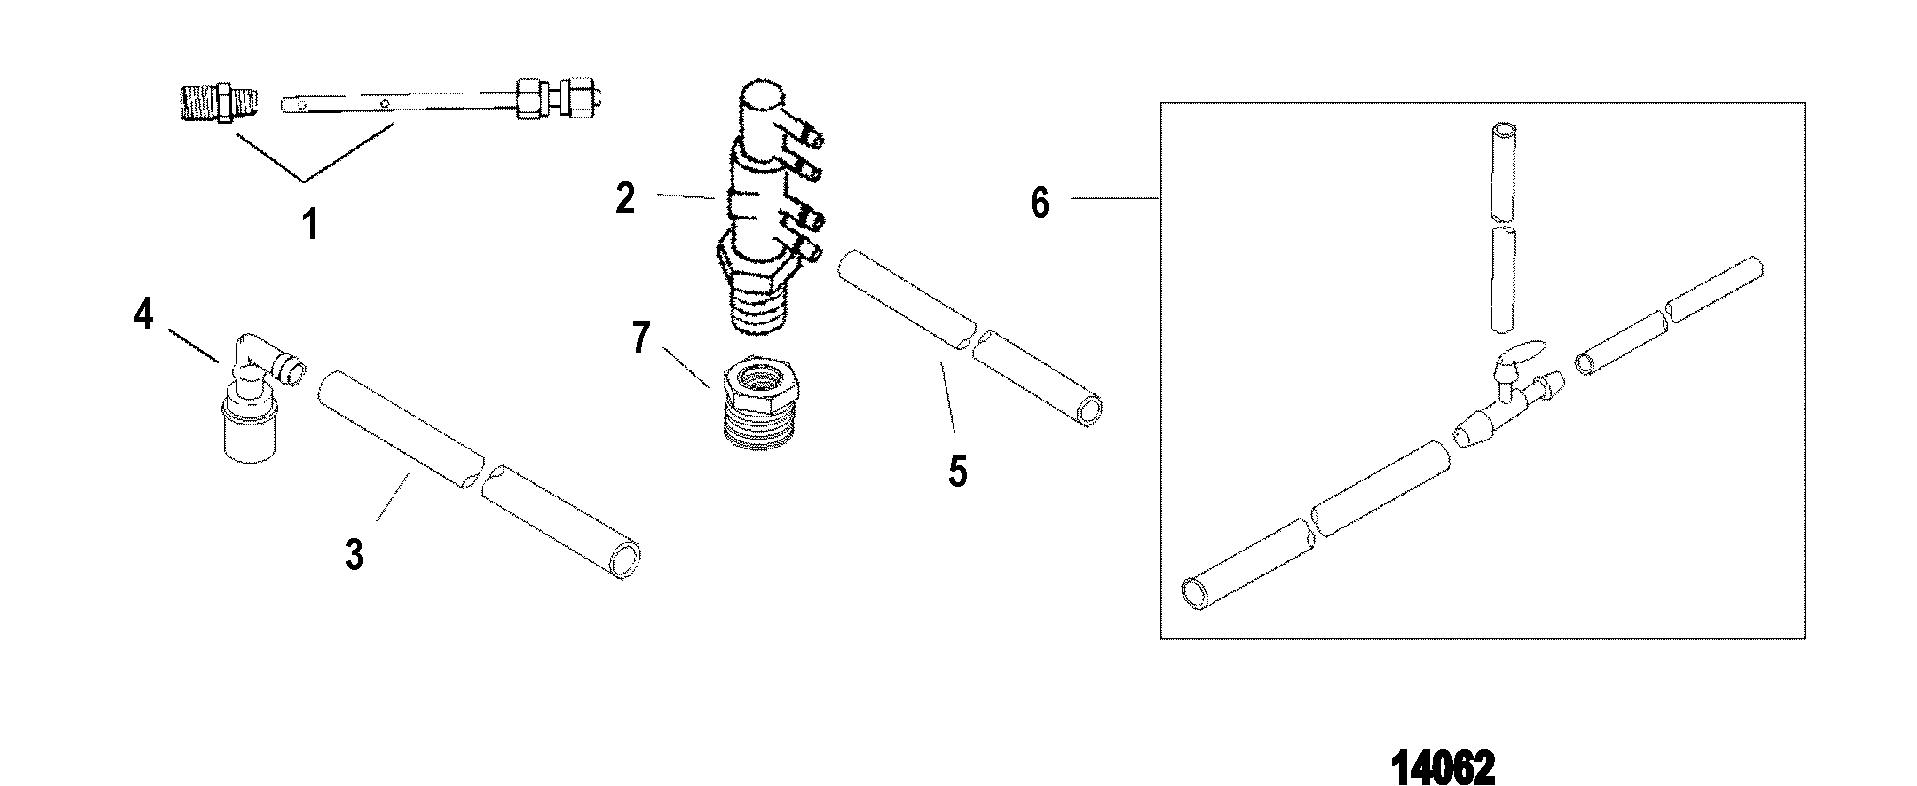 Mercruiser 4 3lx Gen 2